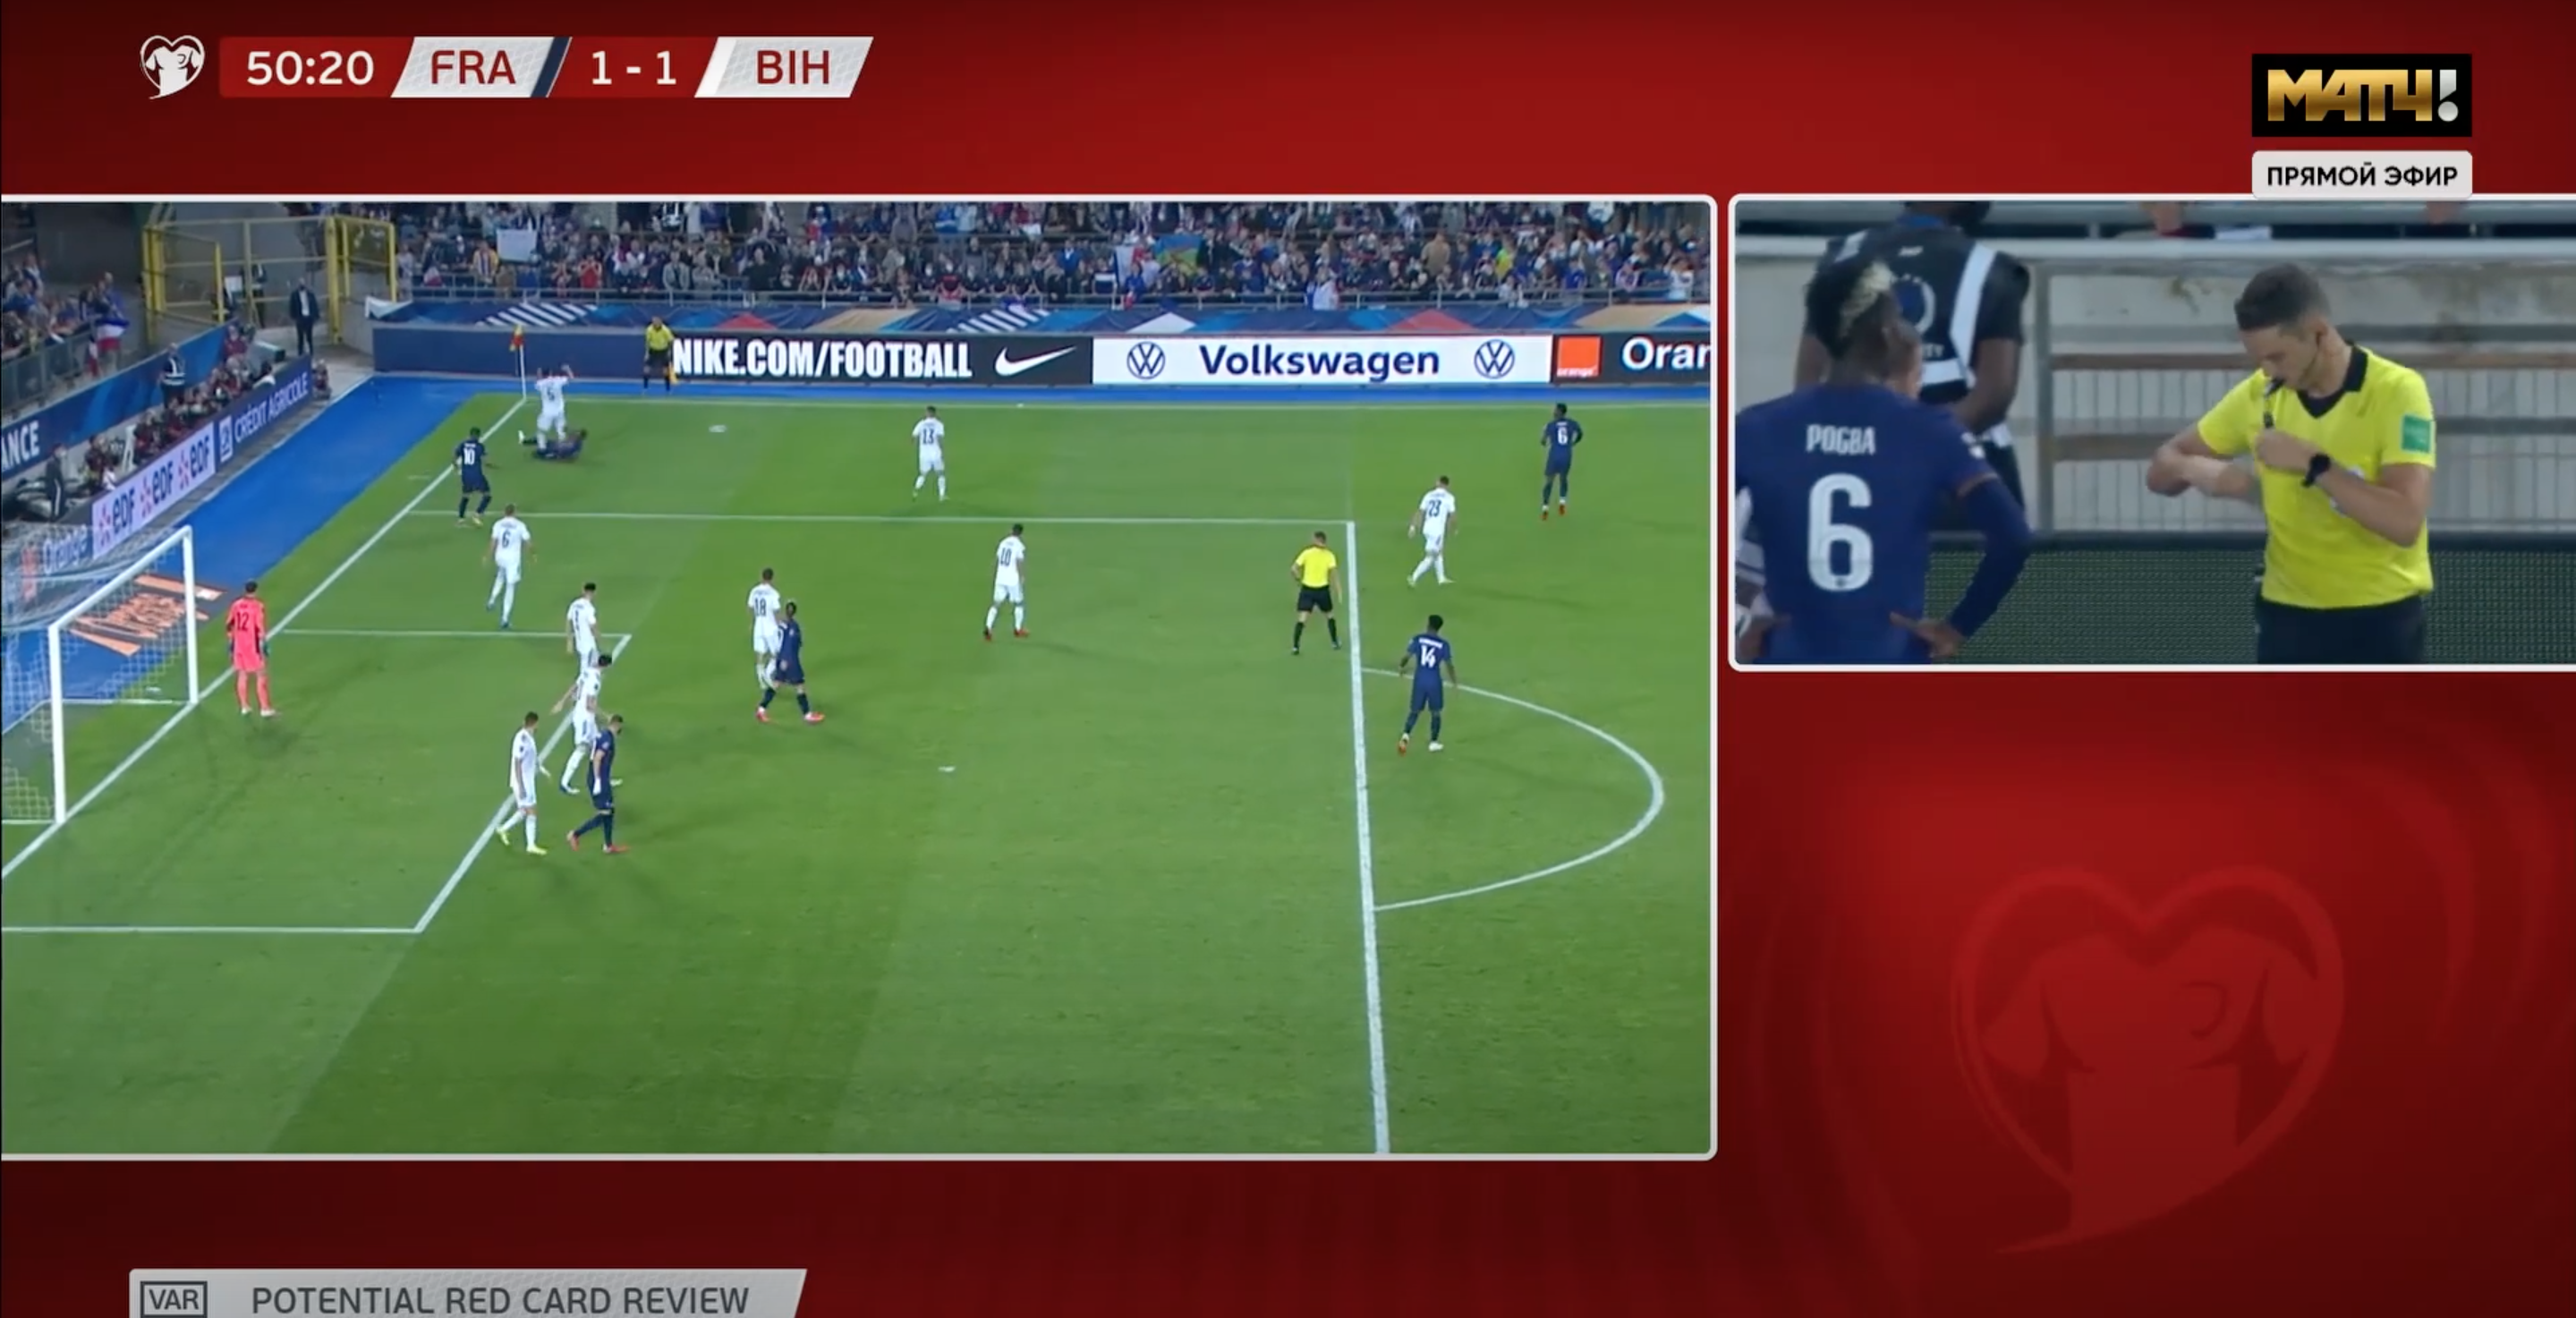 Франция не справилась с боснийцами, Холанд забил голландцам, Васс и Мэле снова в деле